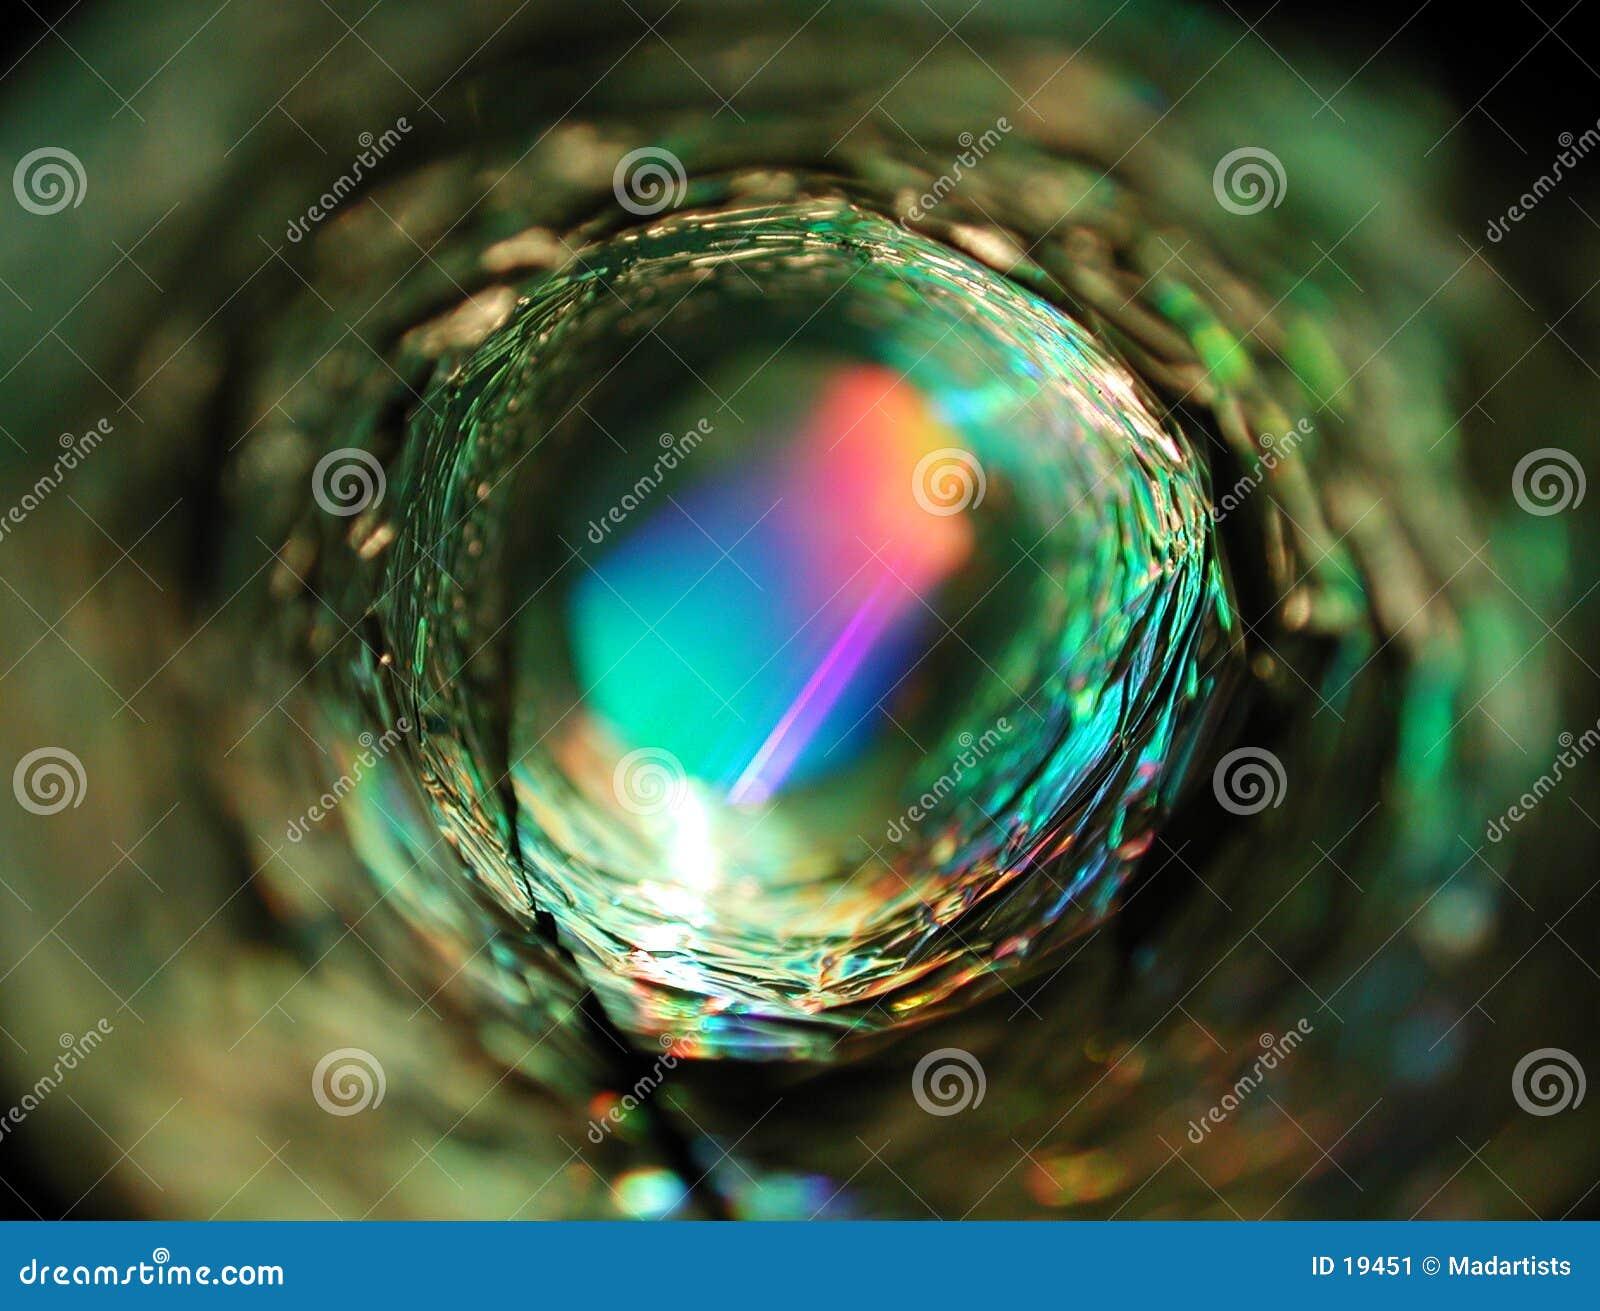 Metallic Circle Glowing Light